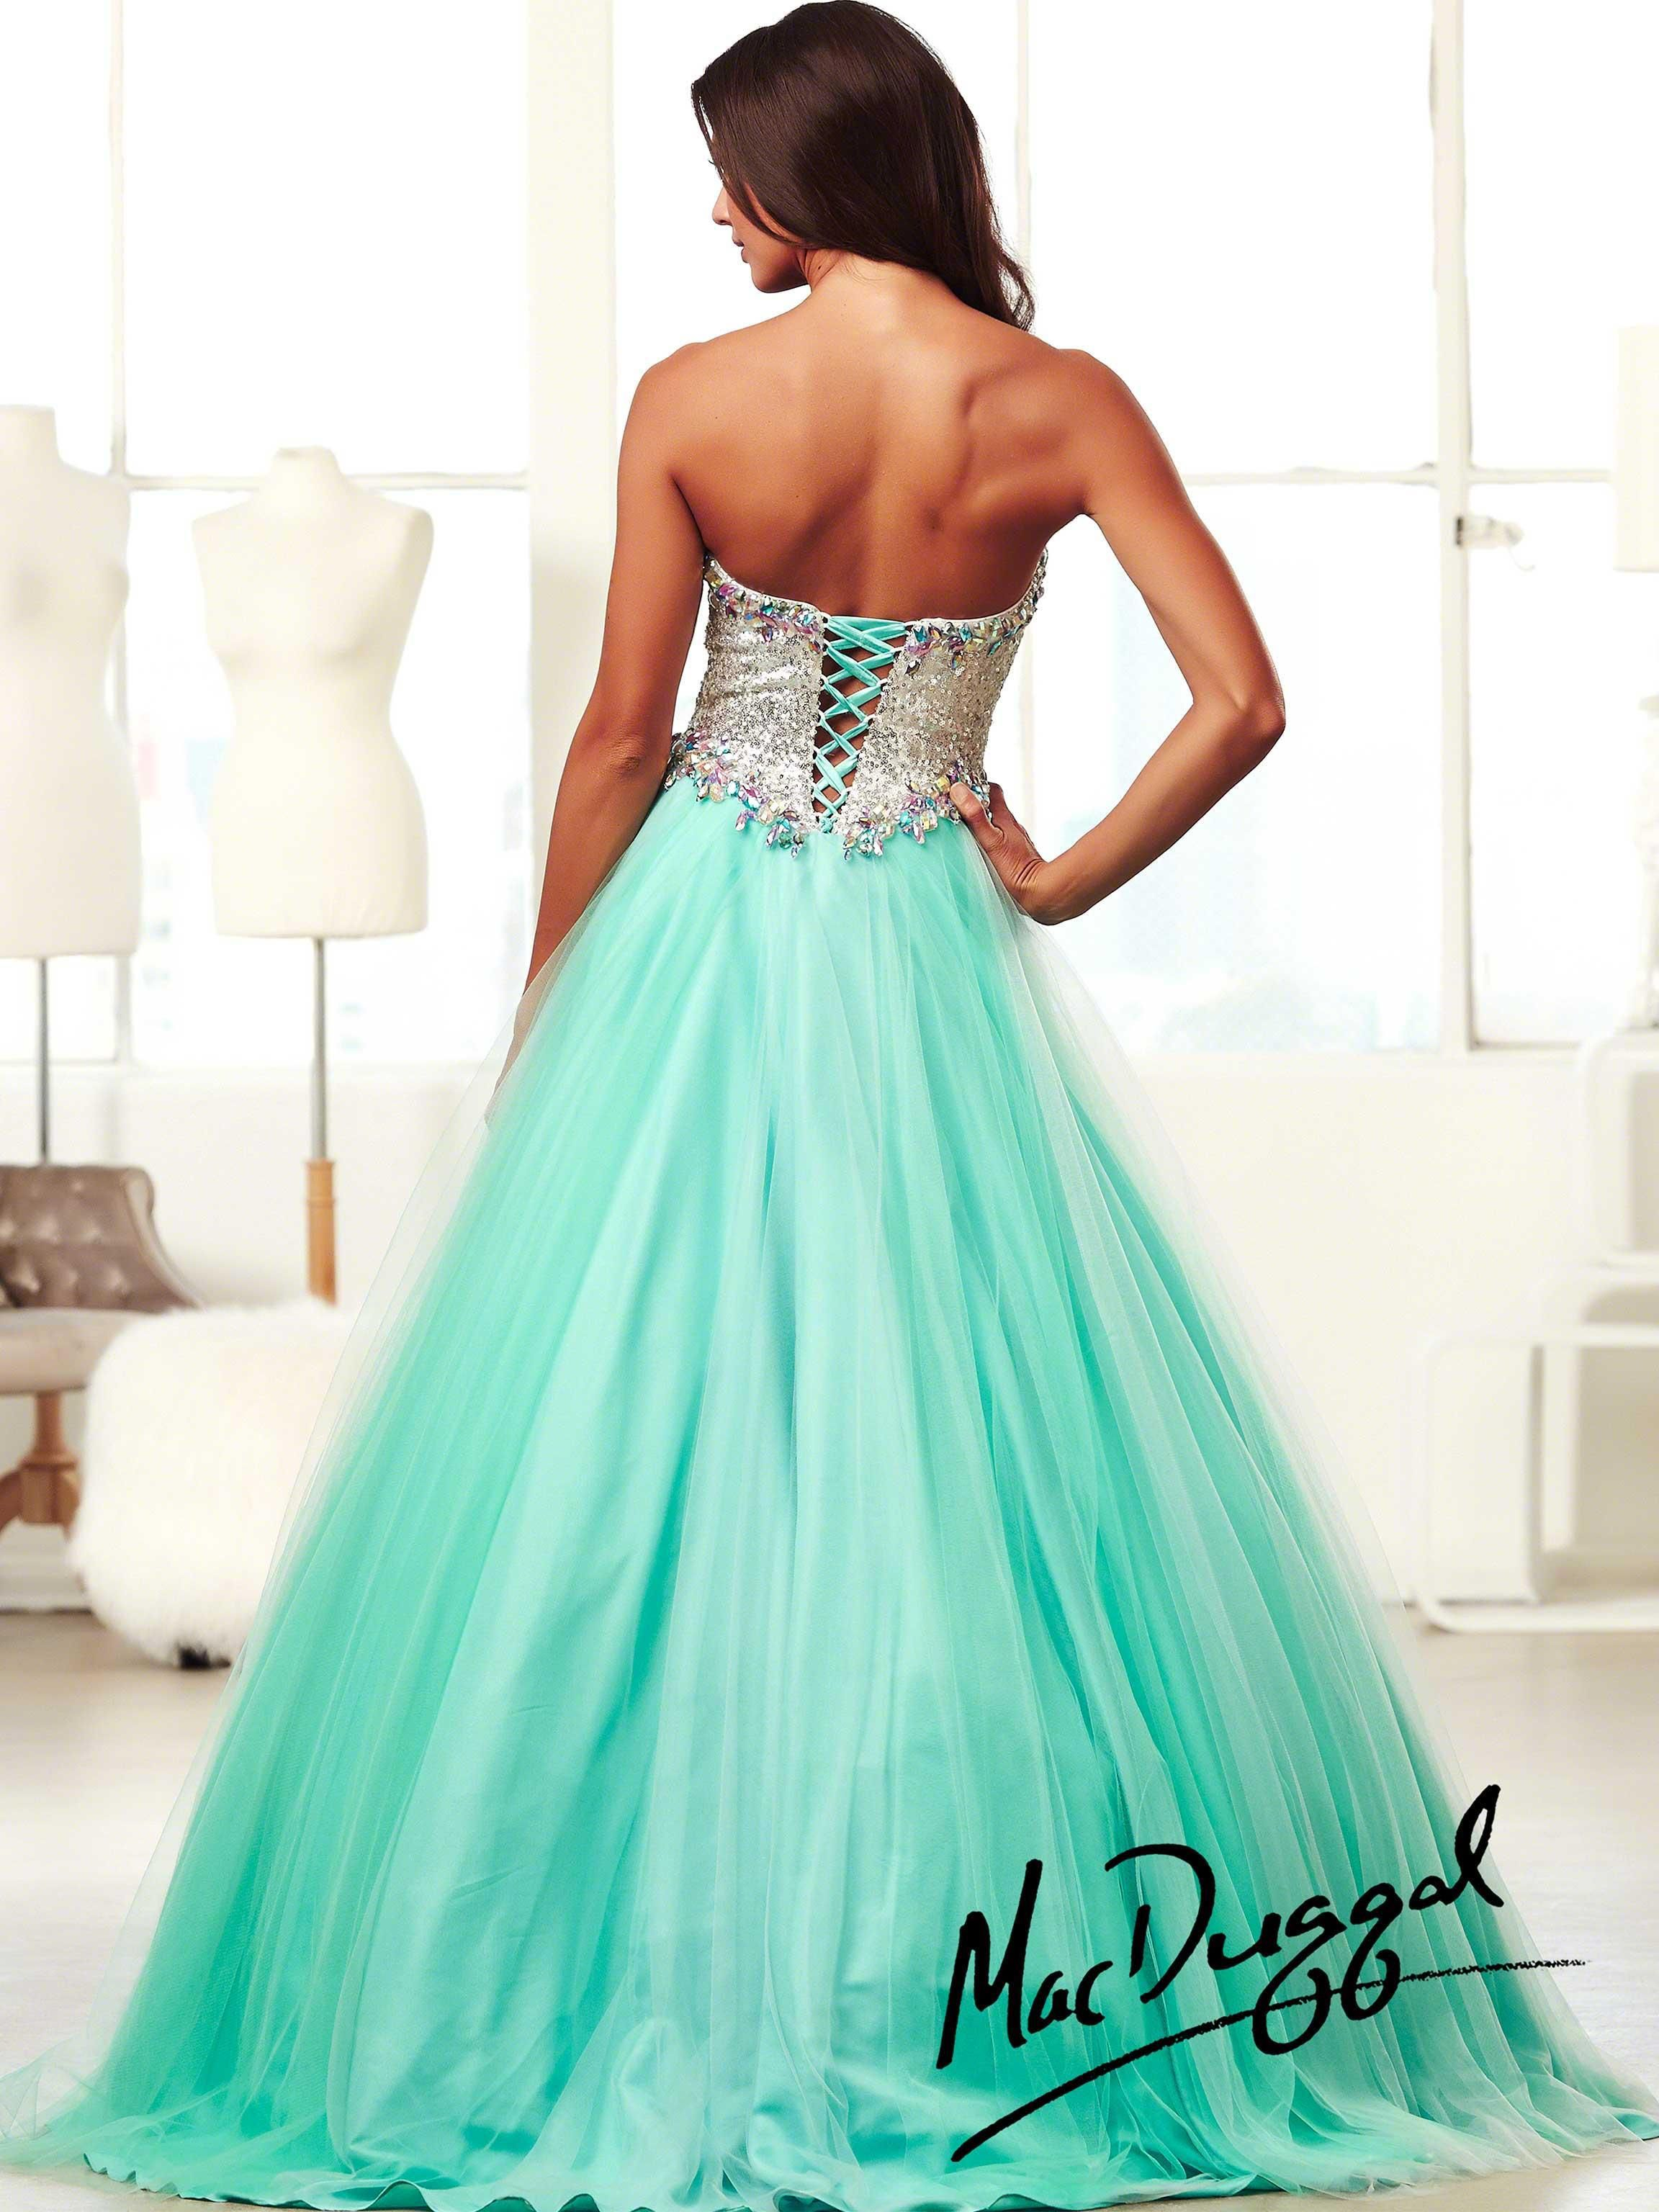 el vestido de graduación de color azul sin mangas | Mujer, vestido ...